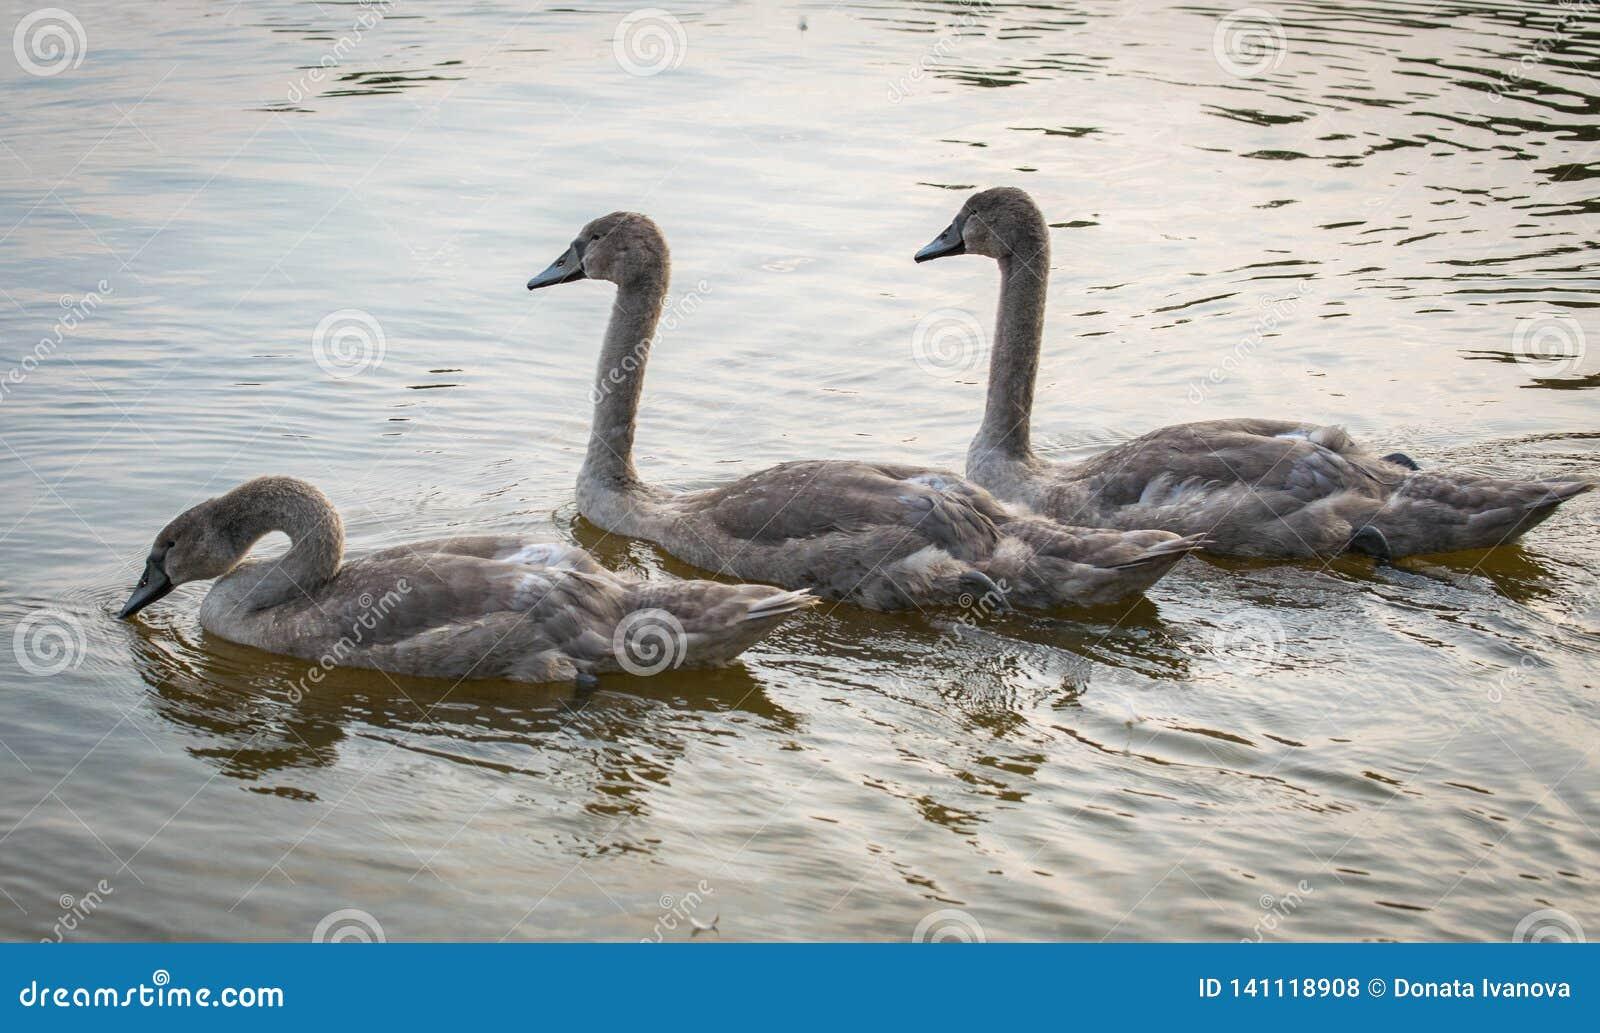 Natation de trois Grey Swans sur un lac Trois jeunes cygnes gracieux flottant sur une eau